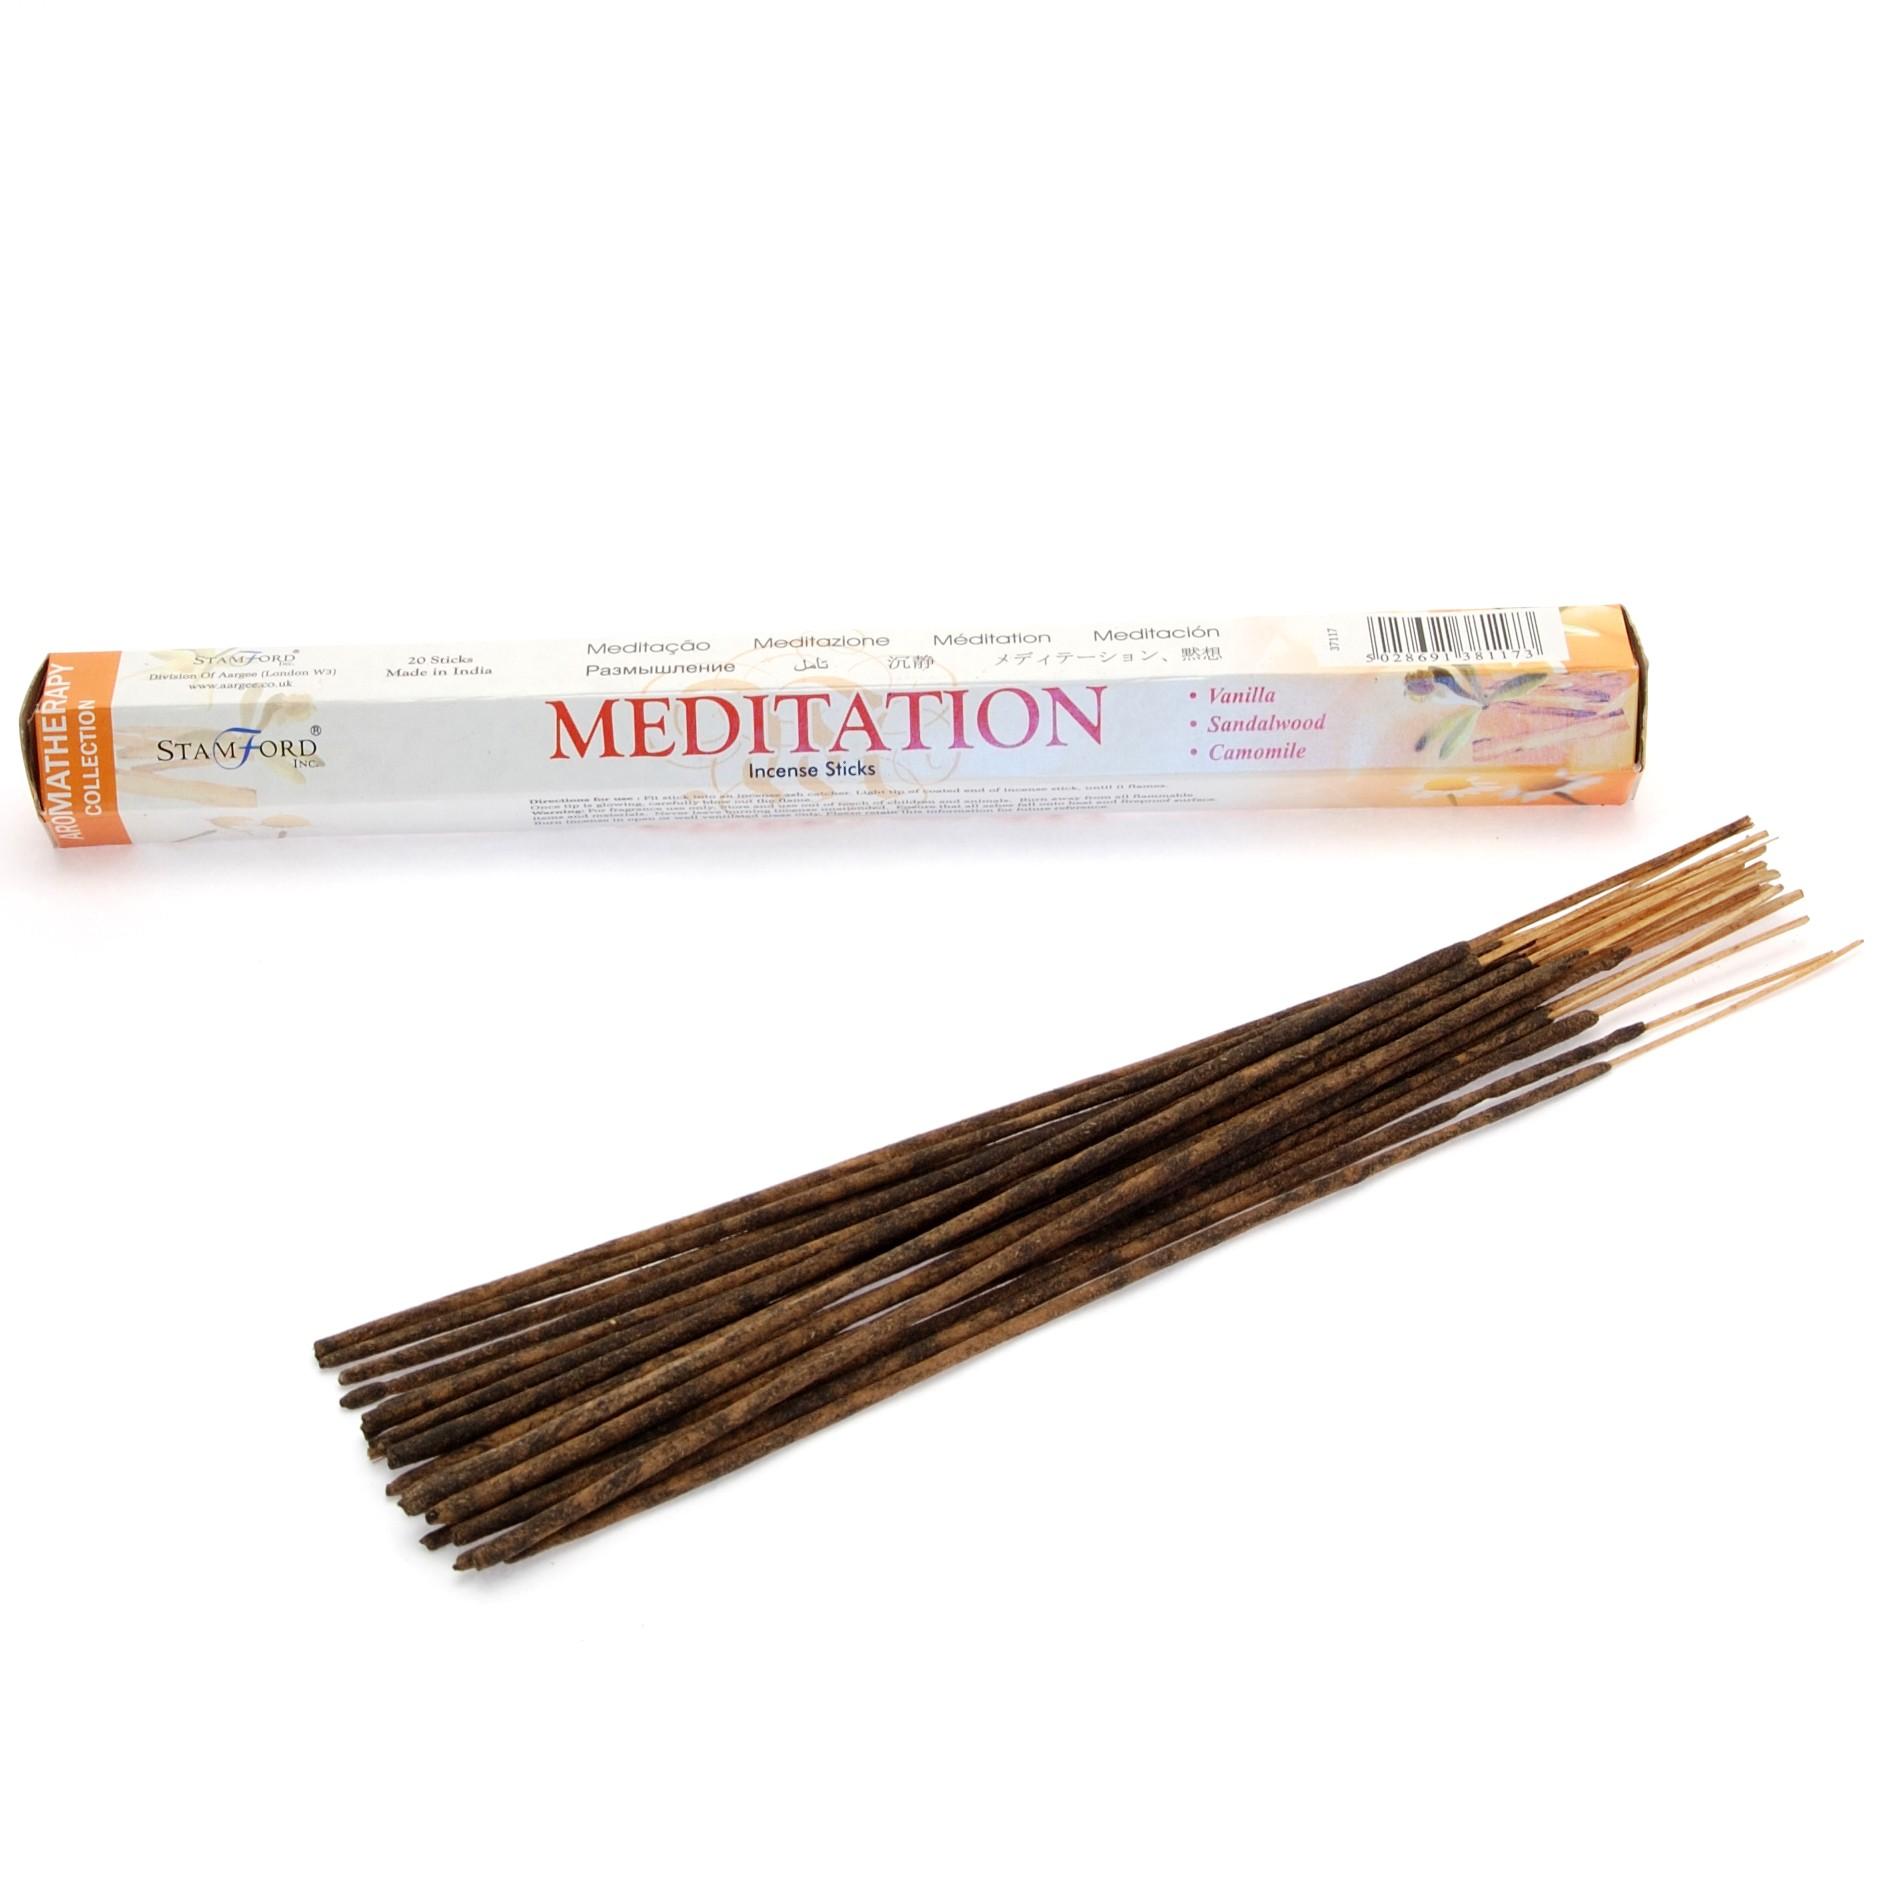 Meditation Premium Incense